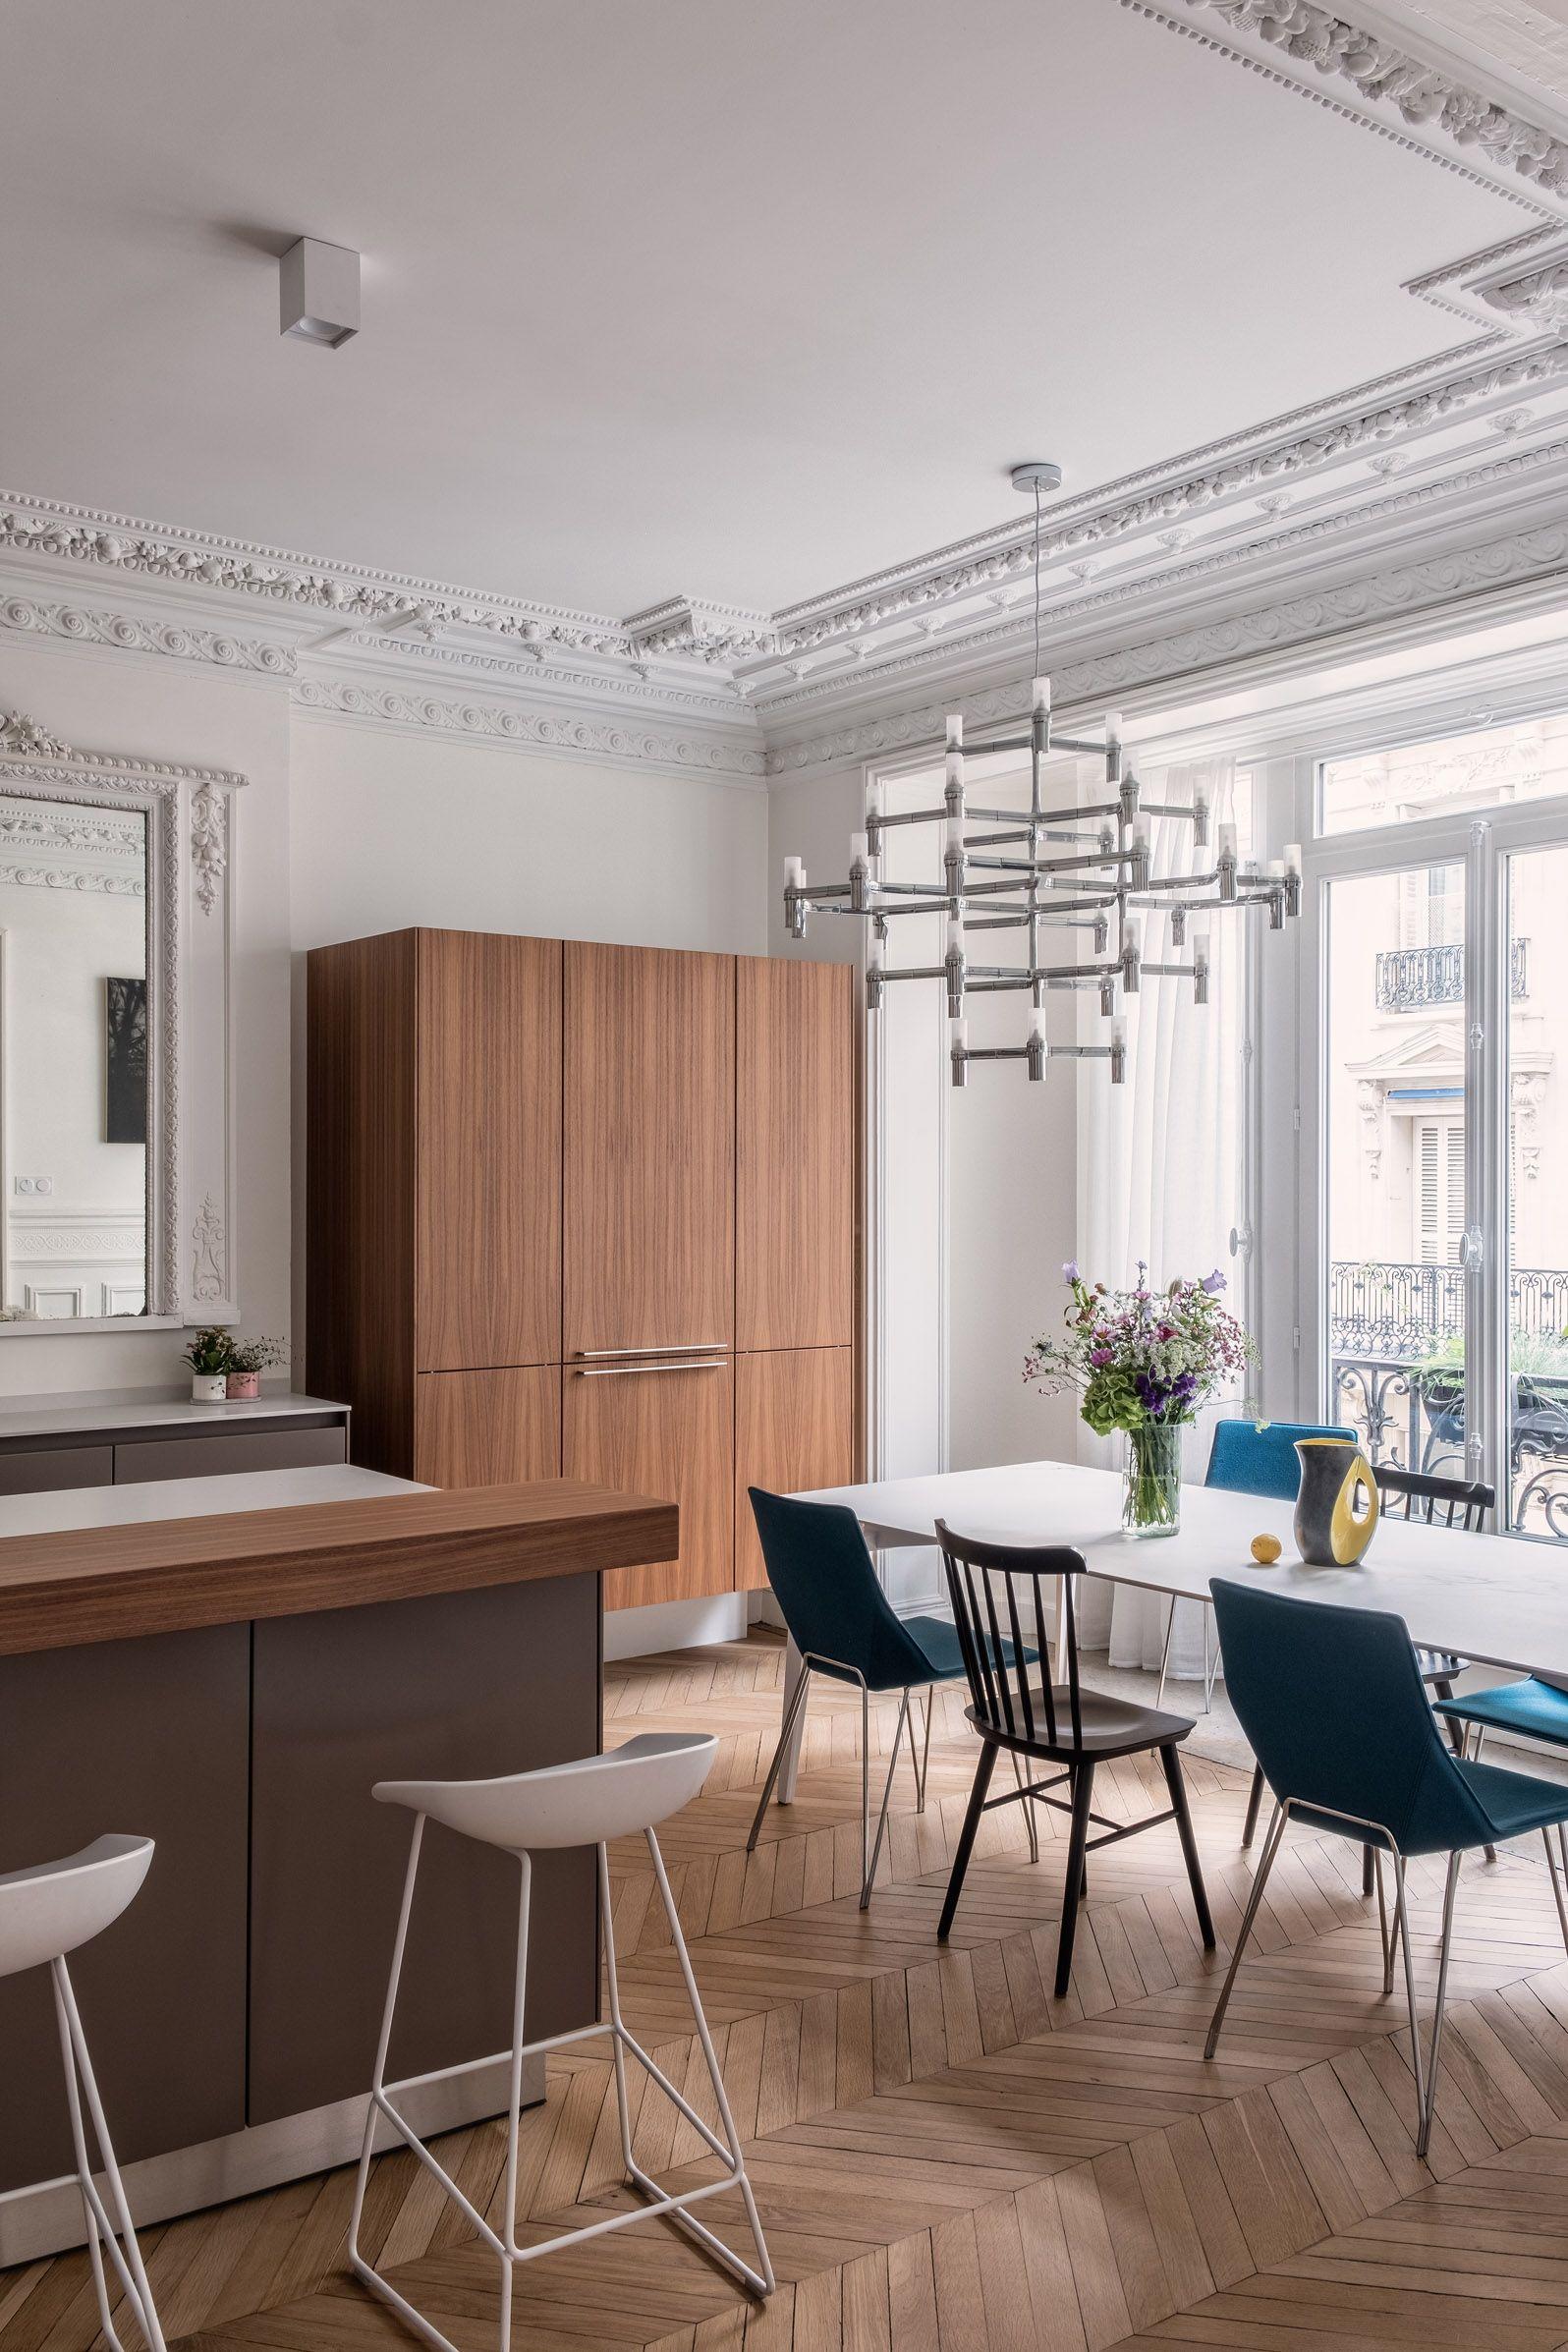 salon haussmannien parquet point de hongrie moulure au plafond d coration moderne style. Black Bedroom Furniture Sets. Home Design Ideas